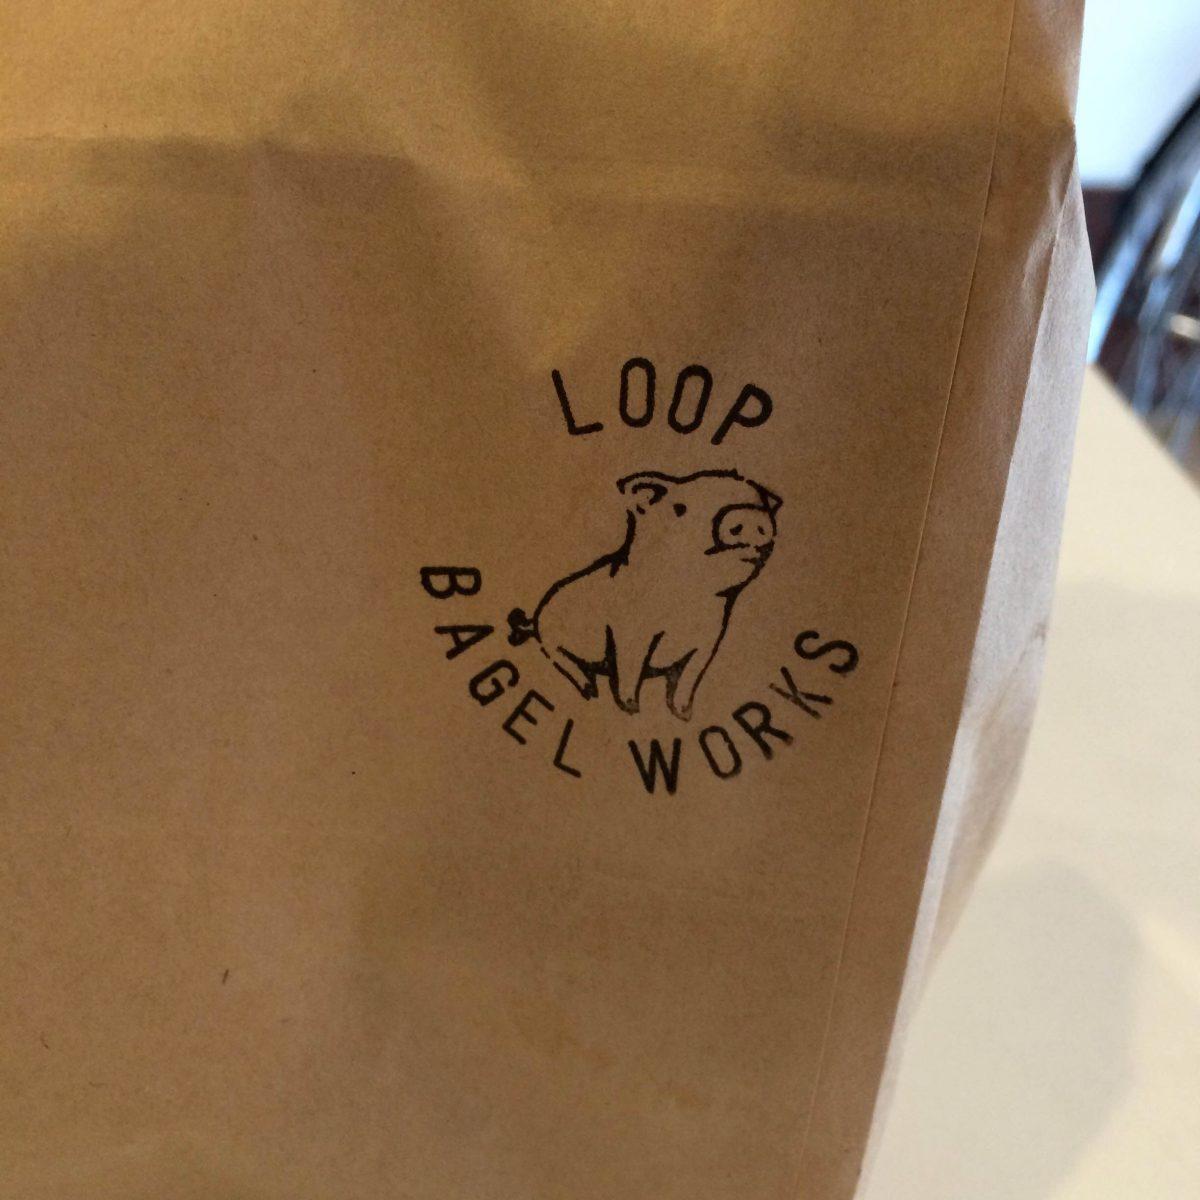 LOOP BAGEL WORKS (12)